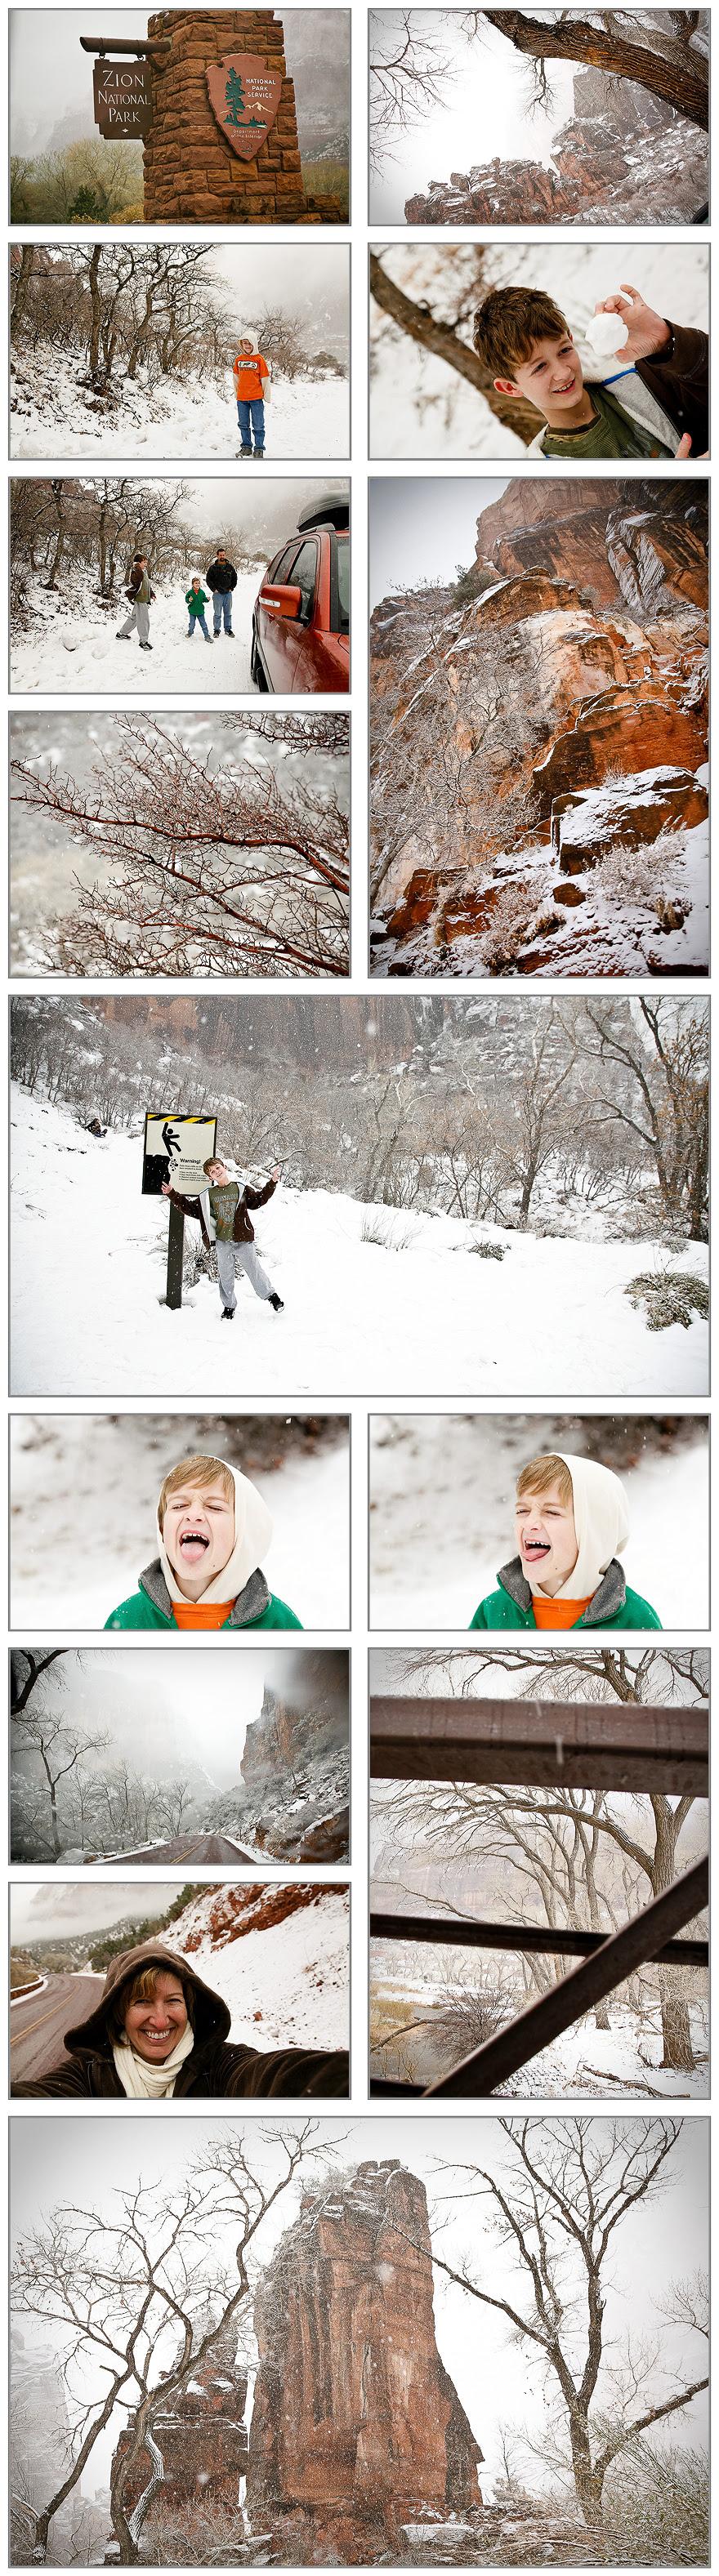 winter zion blog